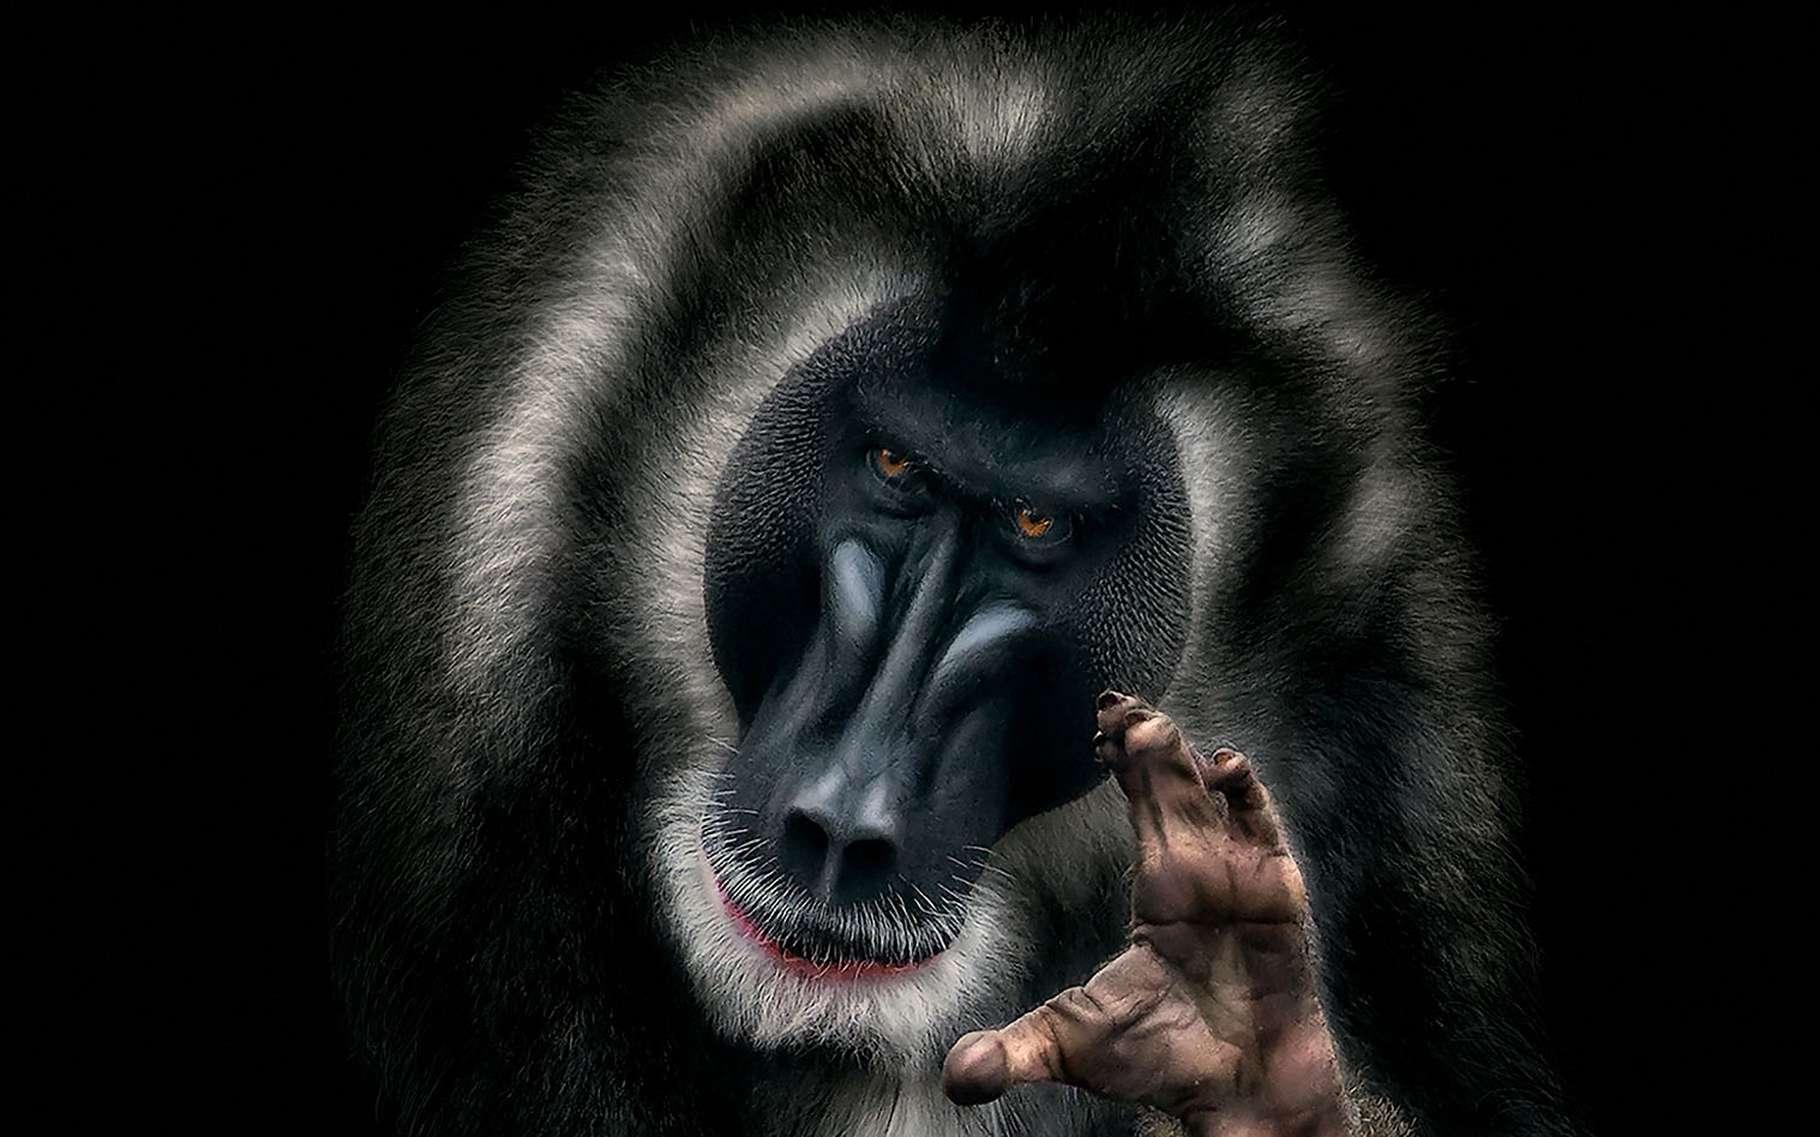 Un mandrill au regard humain pour sensibiliser à la déforestation. © Pedro Jarque Krebs